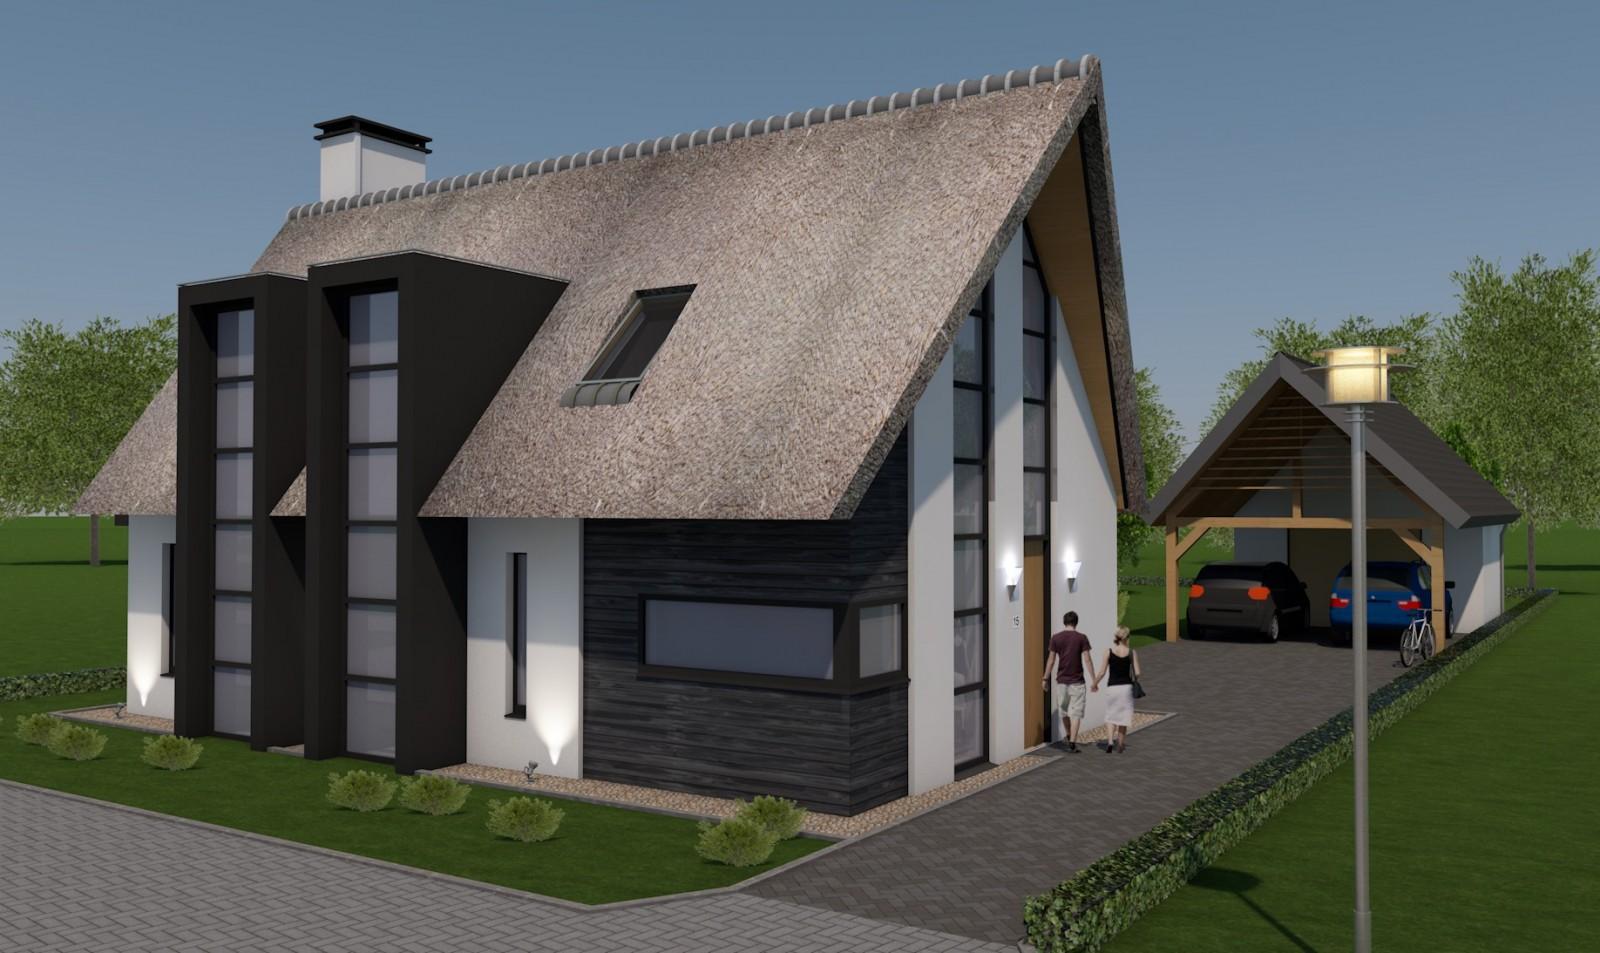 Ontwerp modern landelijke woning gehucht de wildeman te milheeze bouwkundig tekenburo donkers - Moderne uitbreiding huis ...